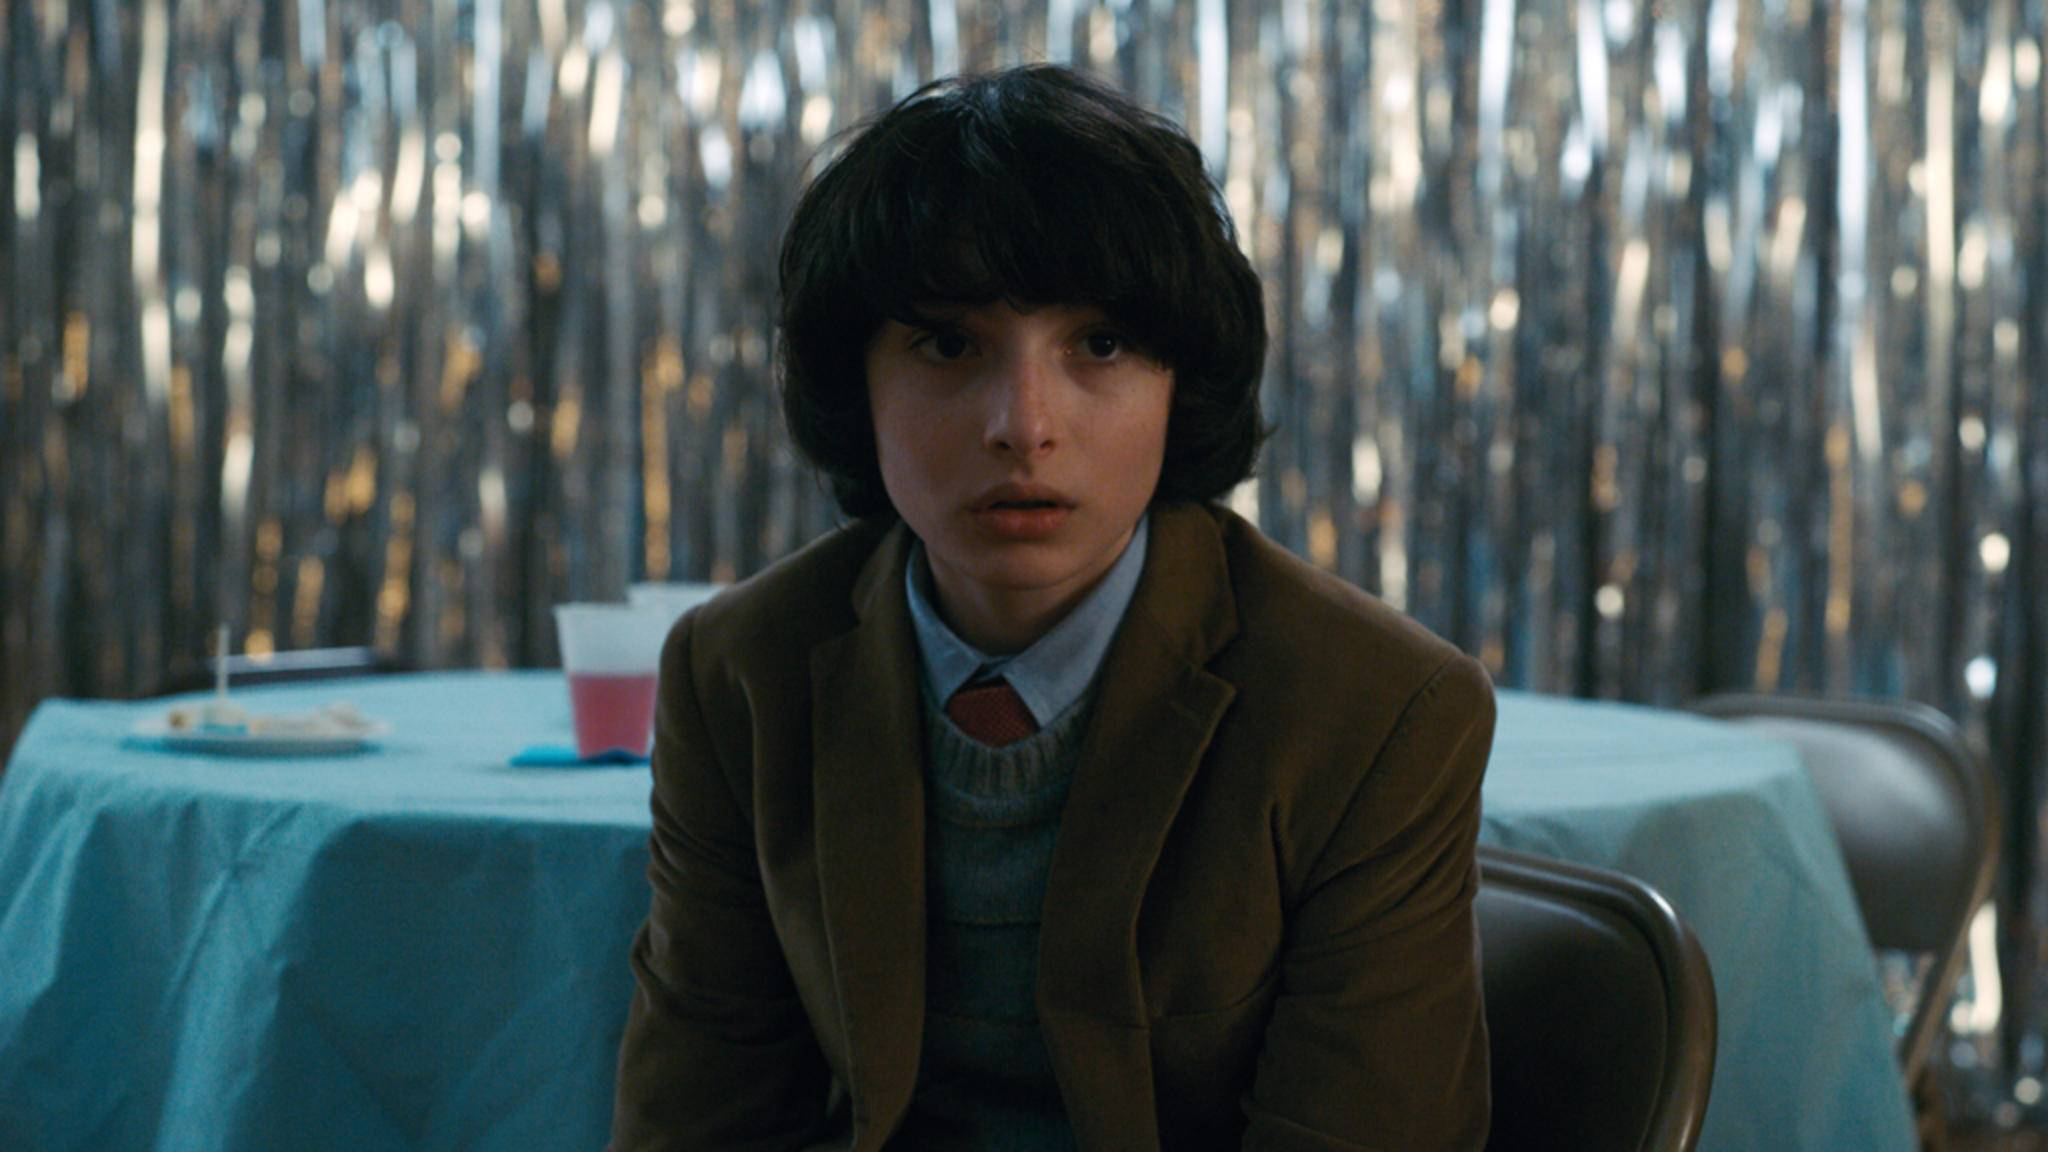 """Finn Wolfhard scheint das Horrorgenre zu mögen: Nach """"Es"""" dreht er den Horrorfilm """"The Turning""""."""